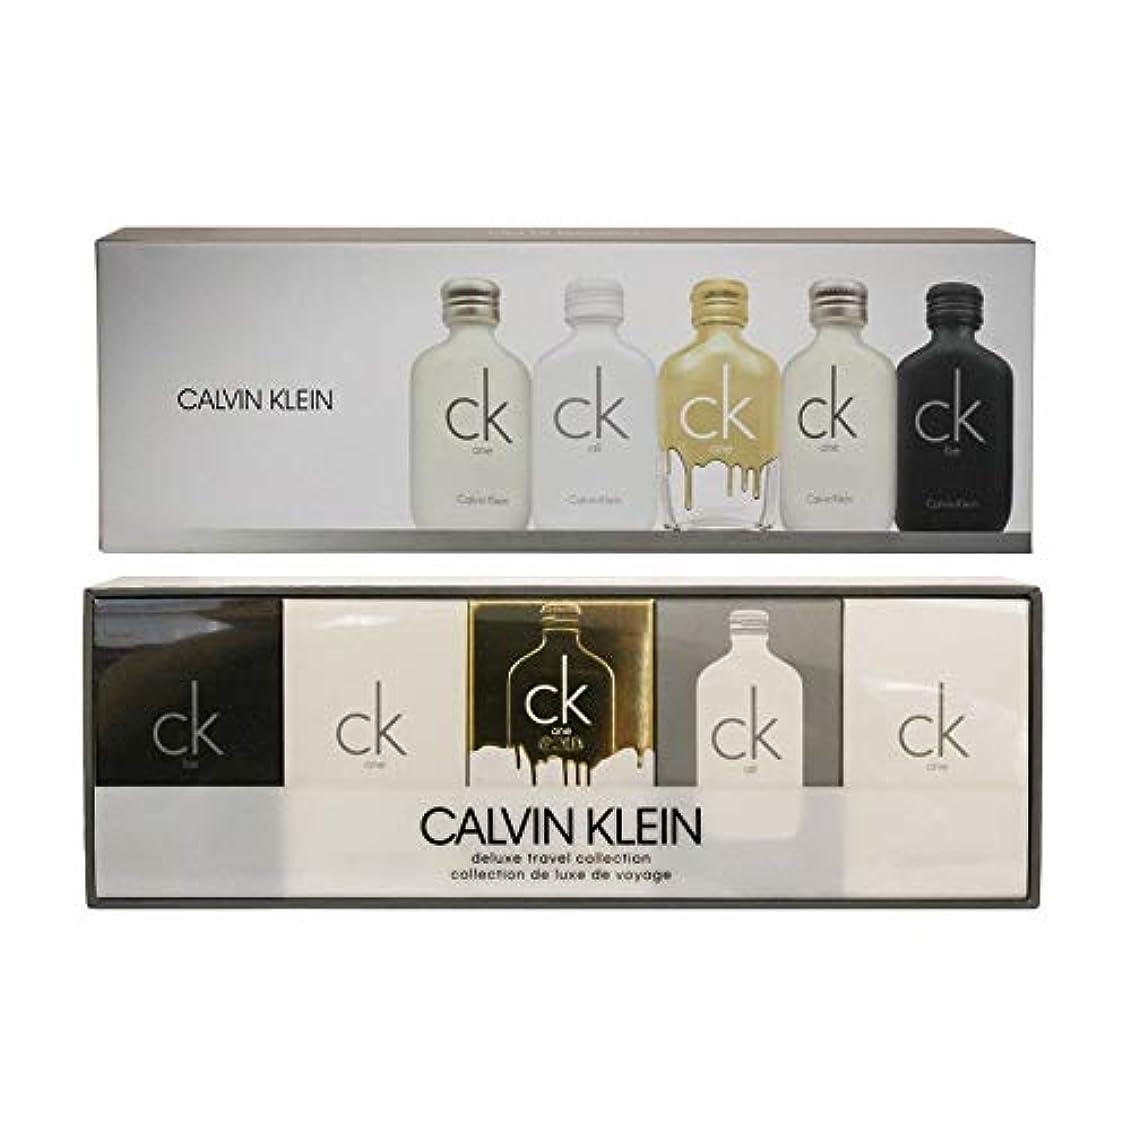 いじめっ子を除く津波カルバン クライン CALVIN KLEIN ck シーケー デラックス トラベル コレクション ミニチュア ギフトセット 10ml×5本